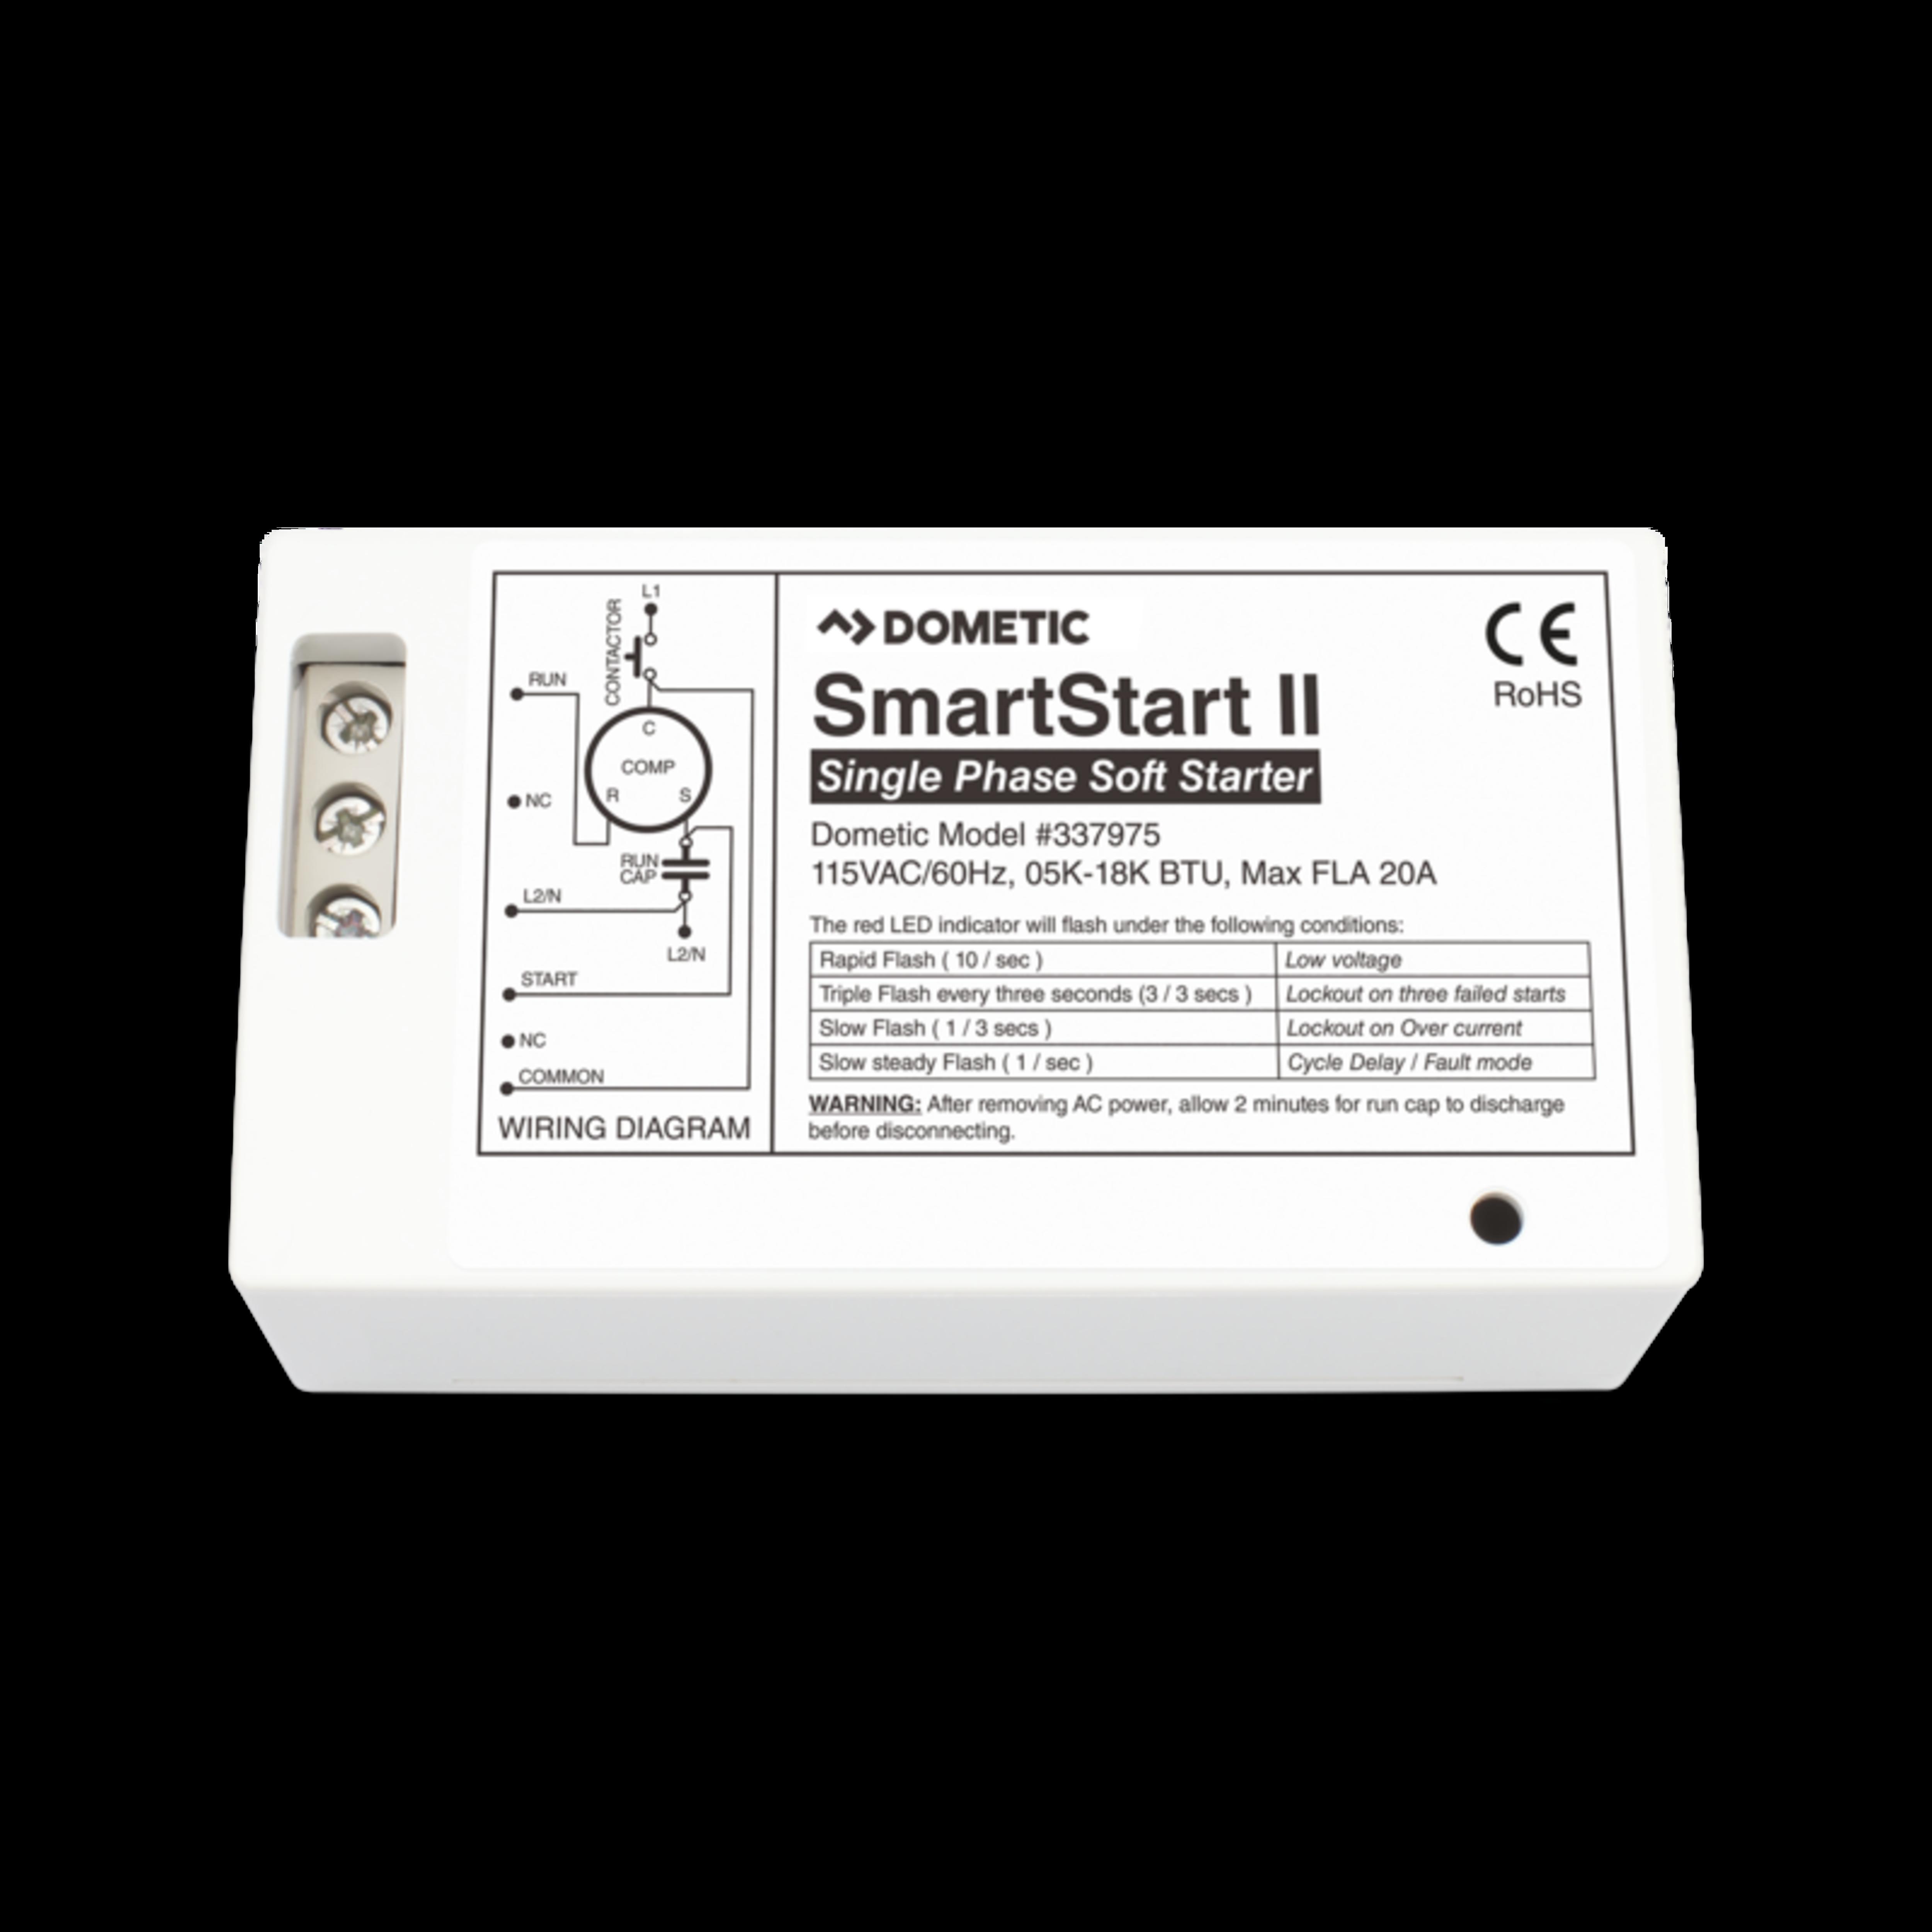 Dometic SmartStart III